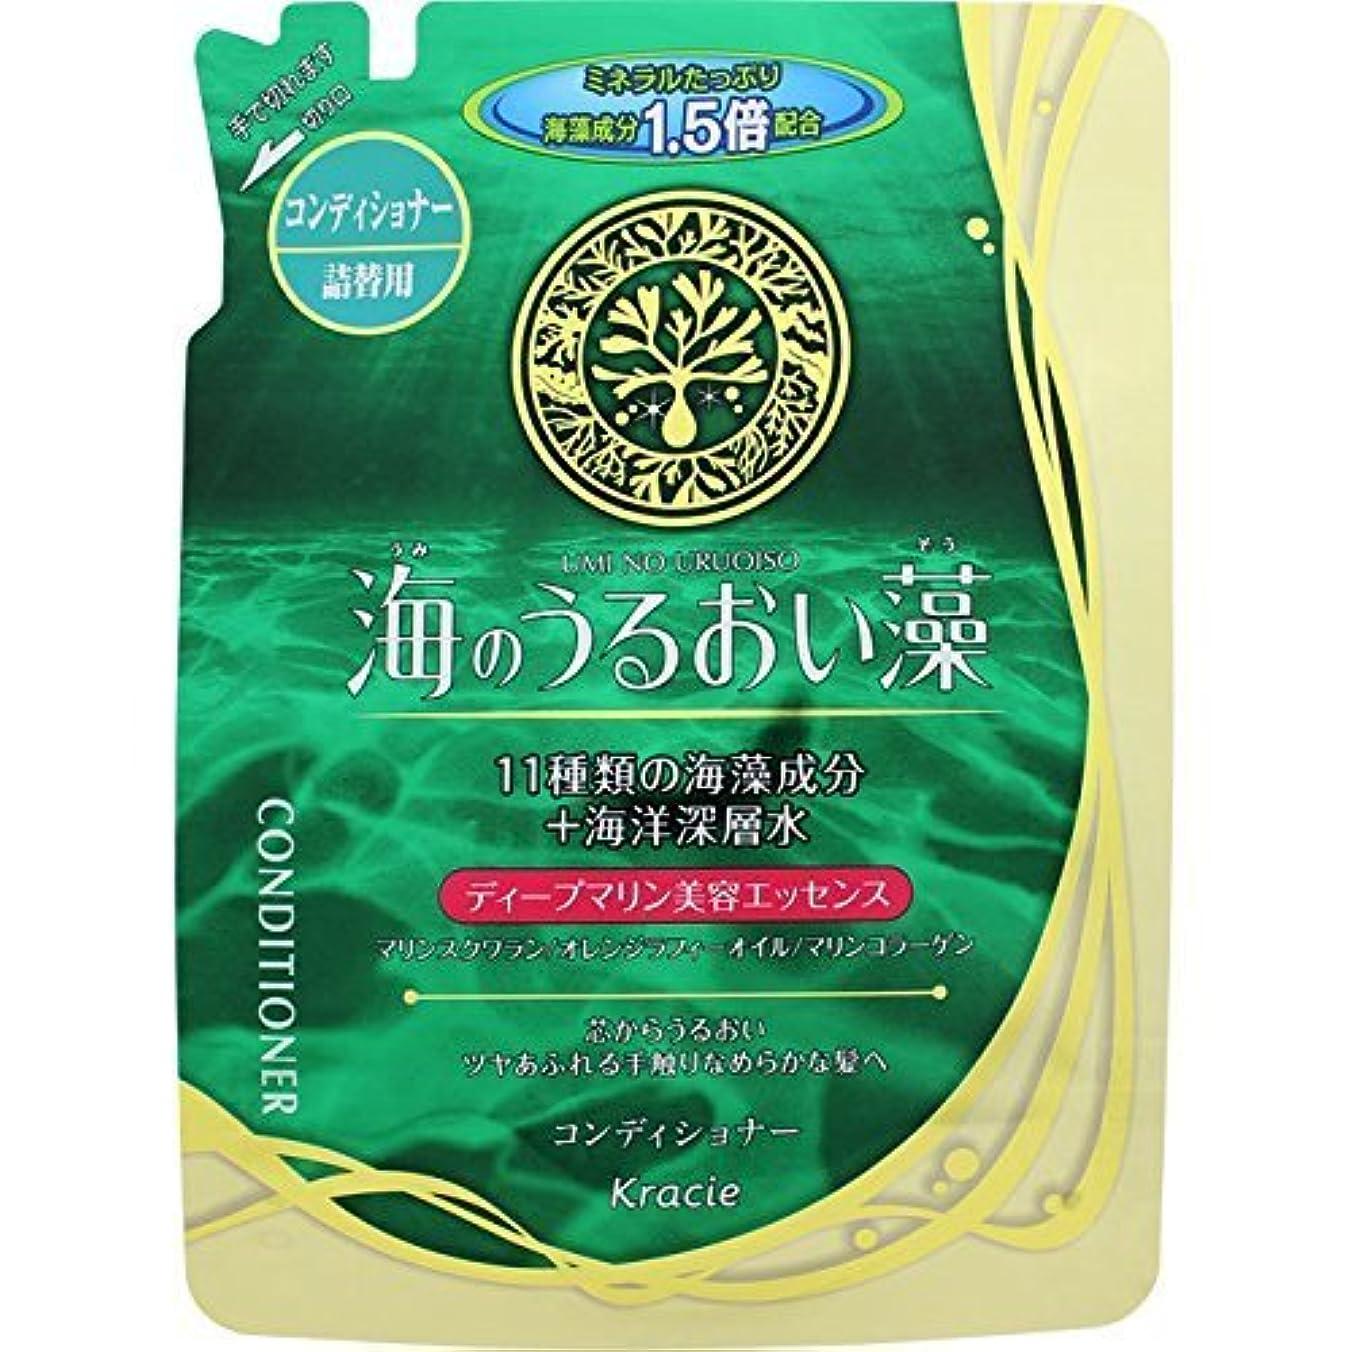 タイマークリープのり【クラシエ】海のうるおい藻 コンディショナー 詰替用 420ml※お取り寄せ【NT】 ×10個セット